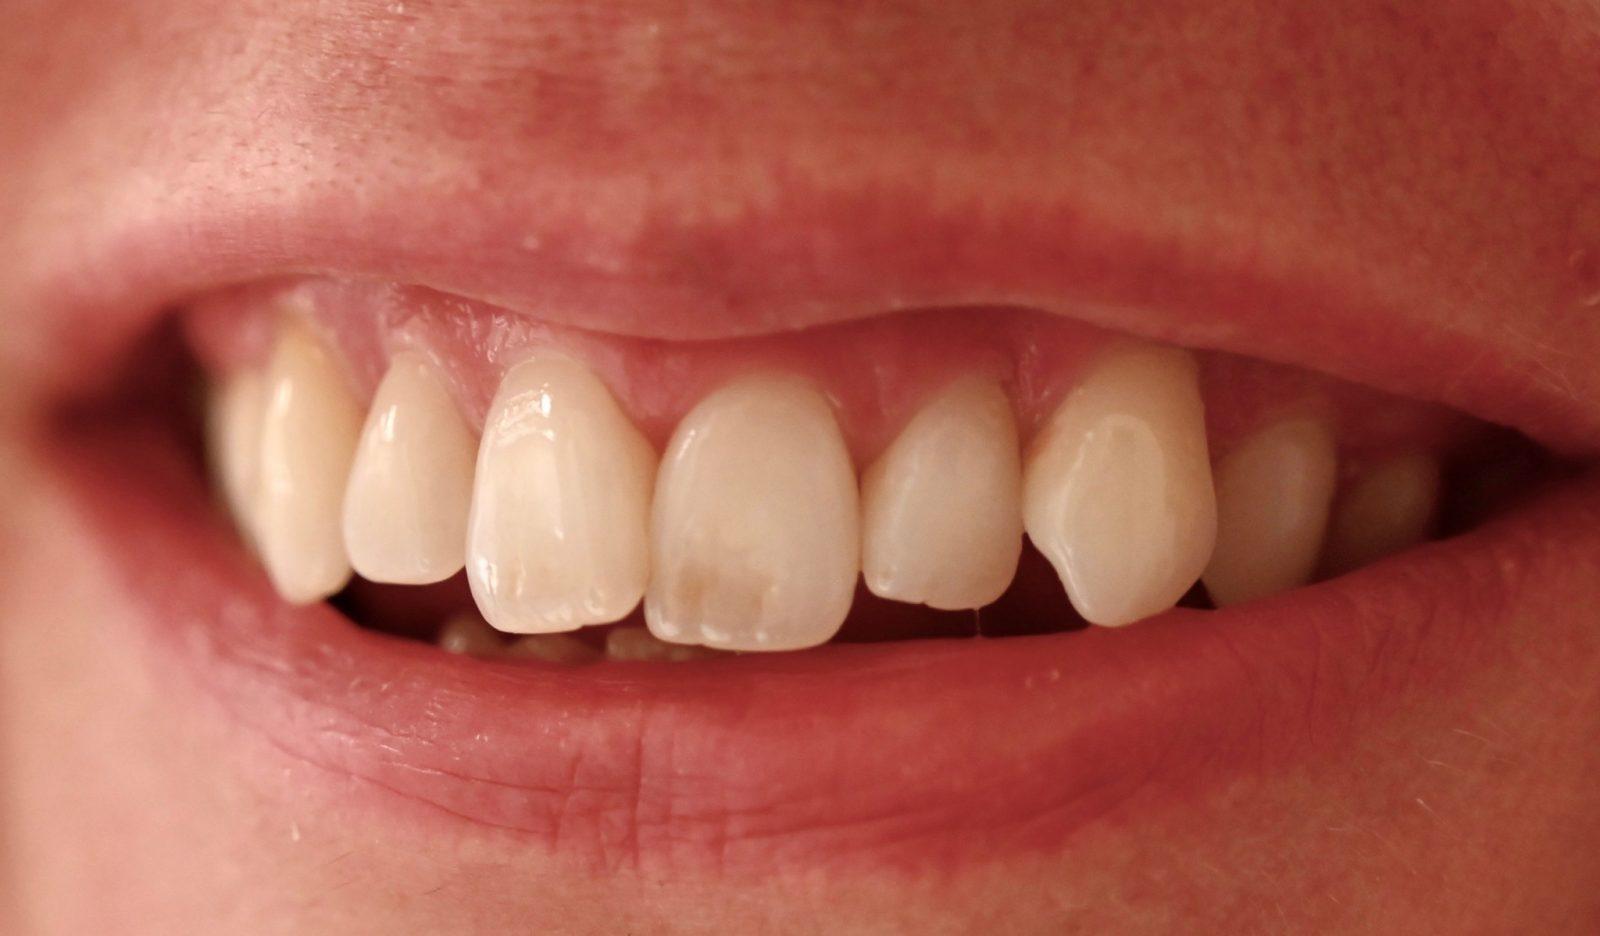 närbild på mun, tänder och läppar som ler